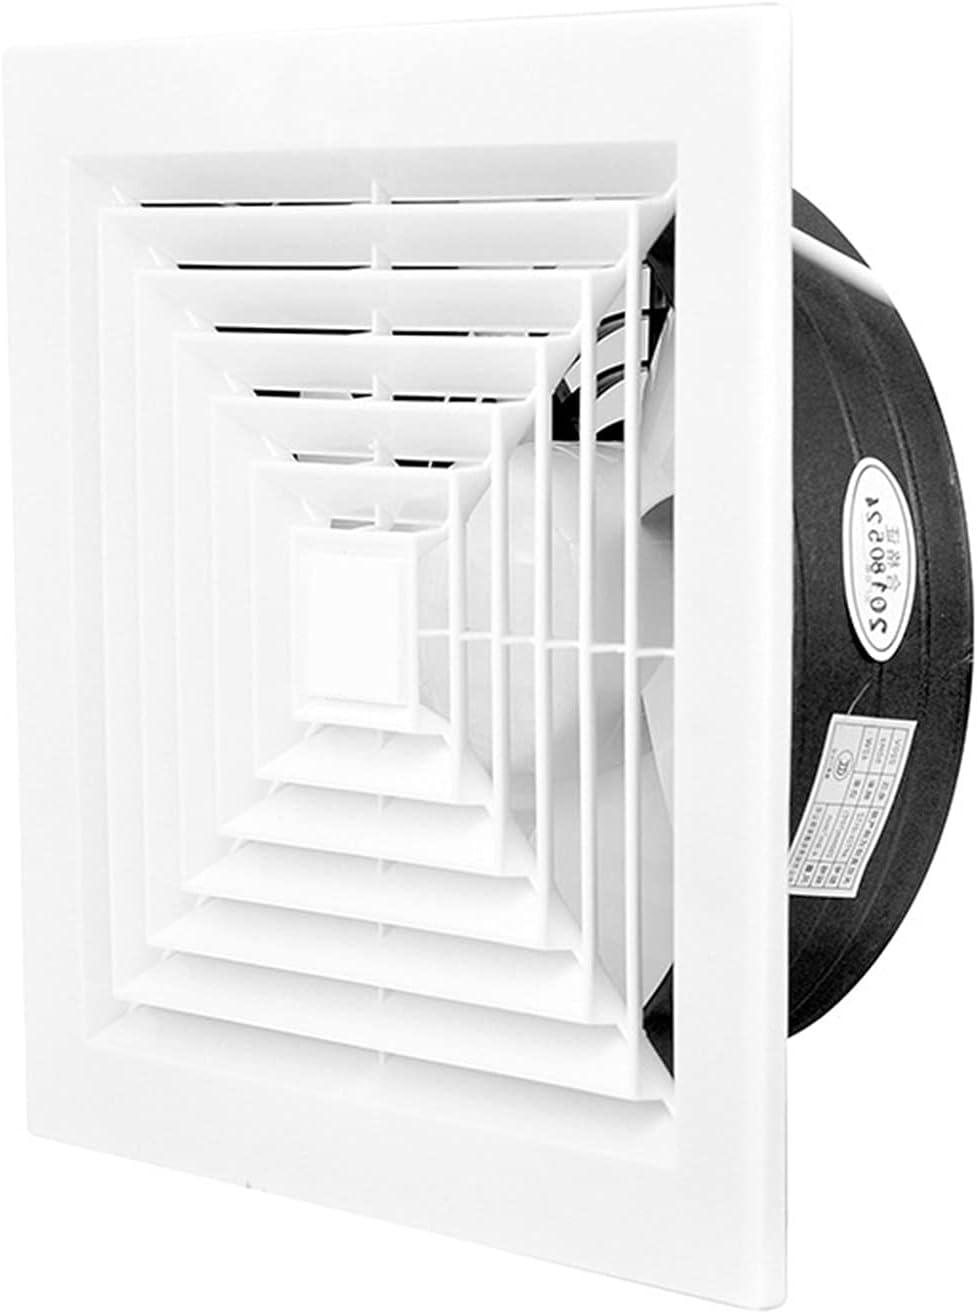 zlw-shop 8/10 / 12inch Celling Potente Baño Extractor Extractor Ventilador de Escape Ventilador de ventilación Cuadrada con Rejilla for la Cocina Aseo de la Ventana Ventilaciones de ventilación